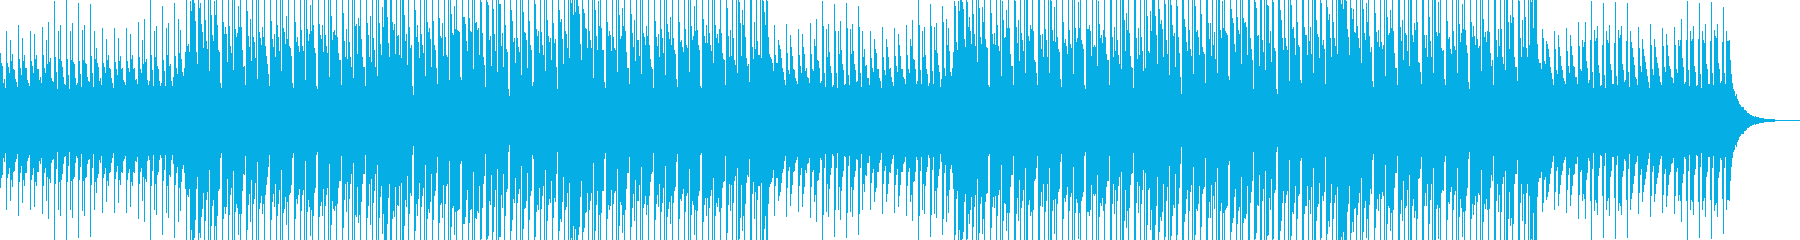 ハッピーなウクレレの企業向けBGMの再生済みの波形